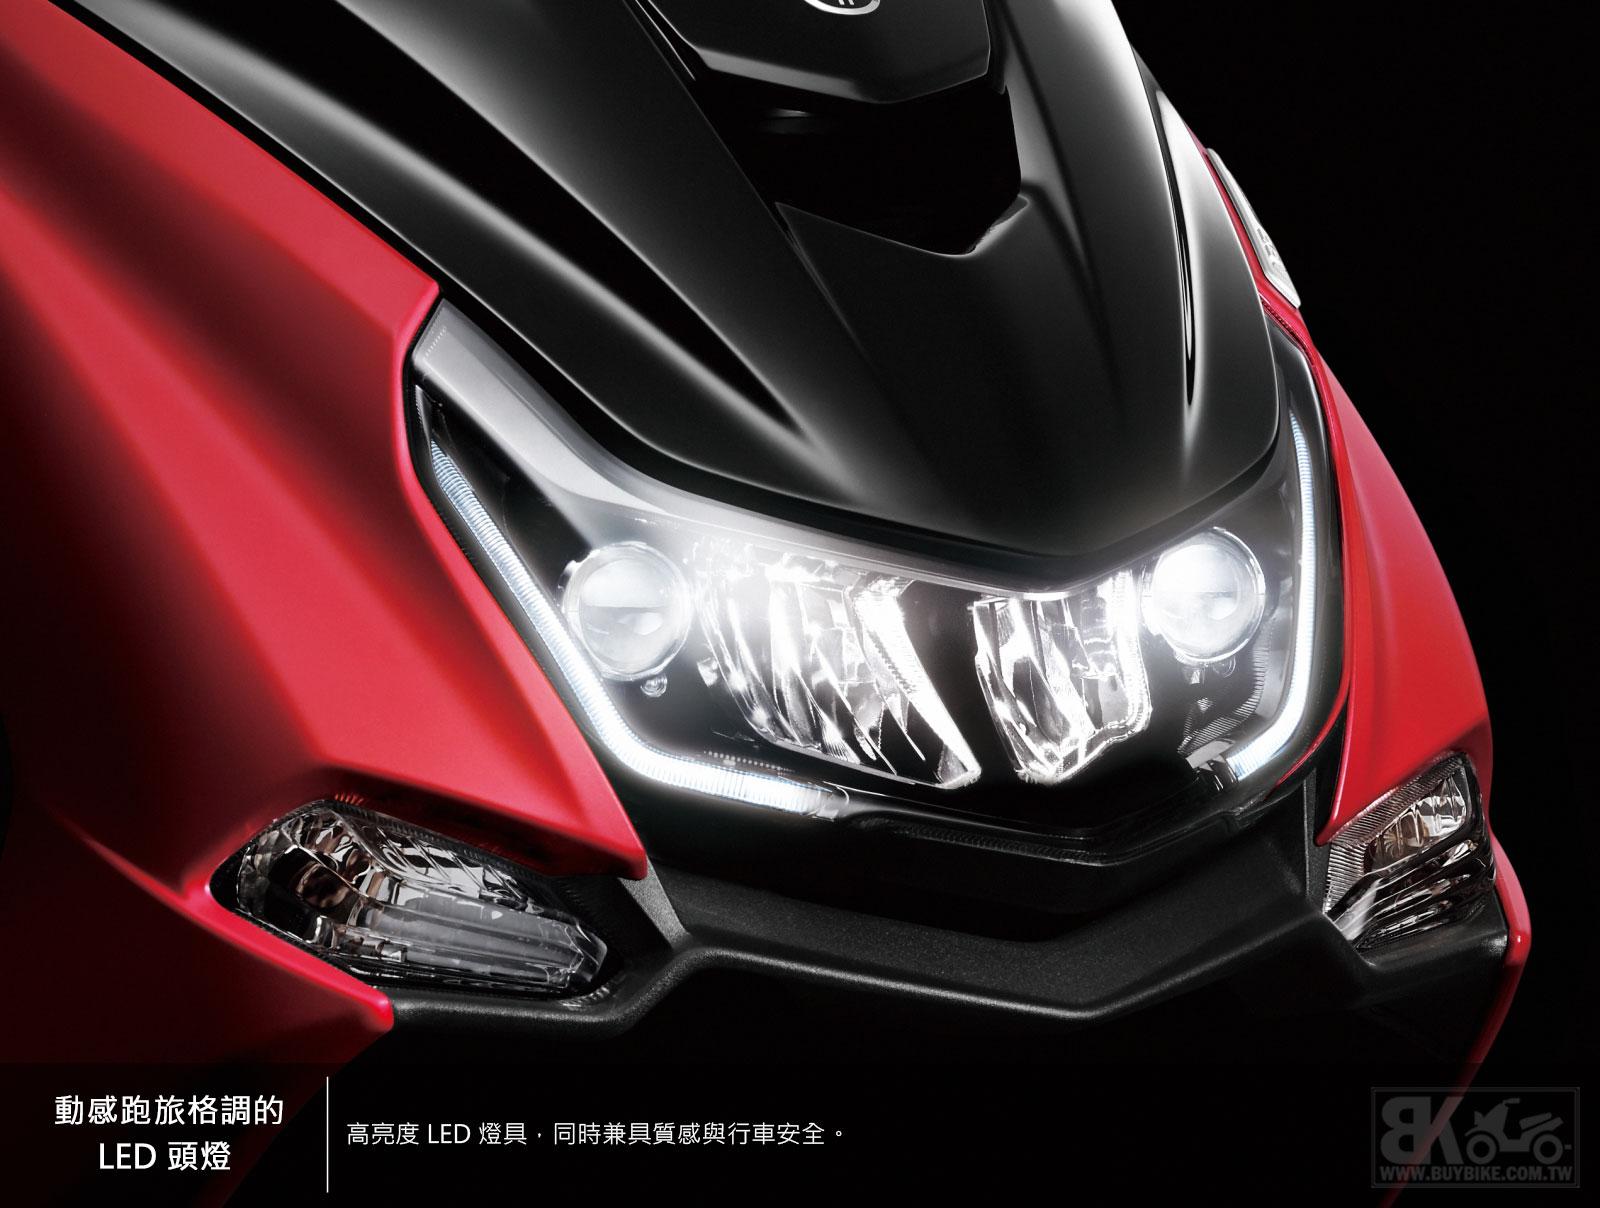 02.動感跑旅格調的-LED-頭燈